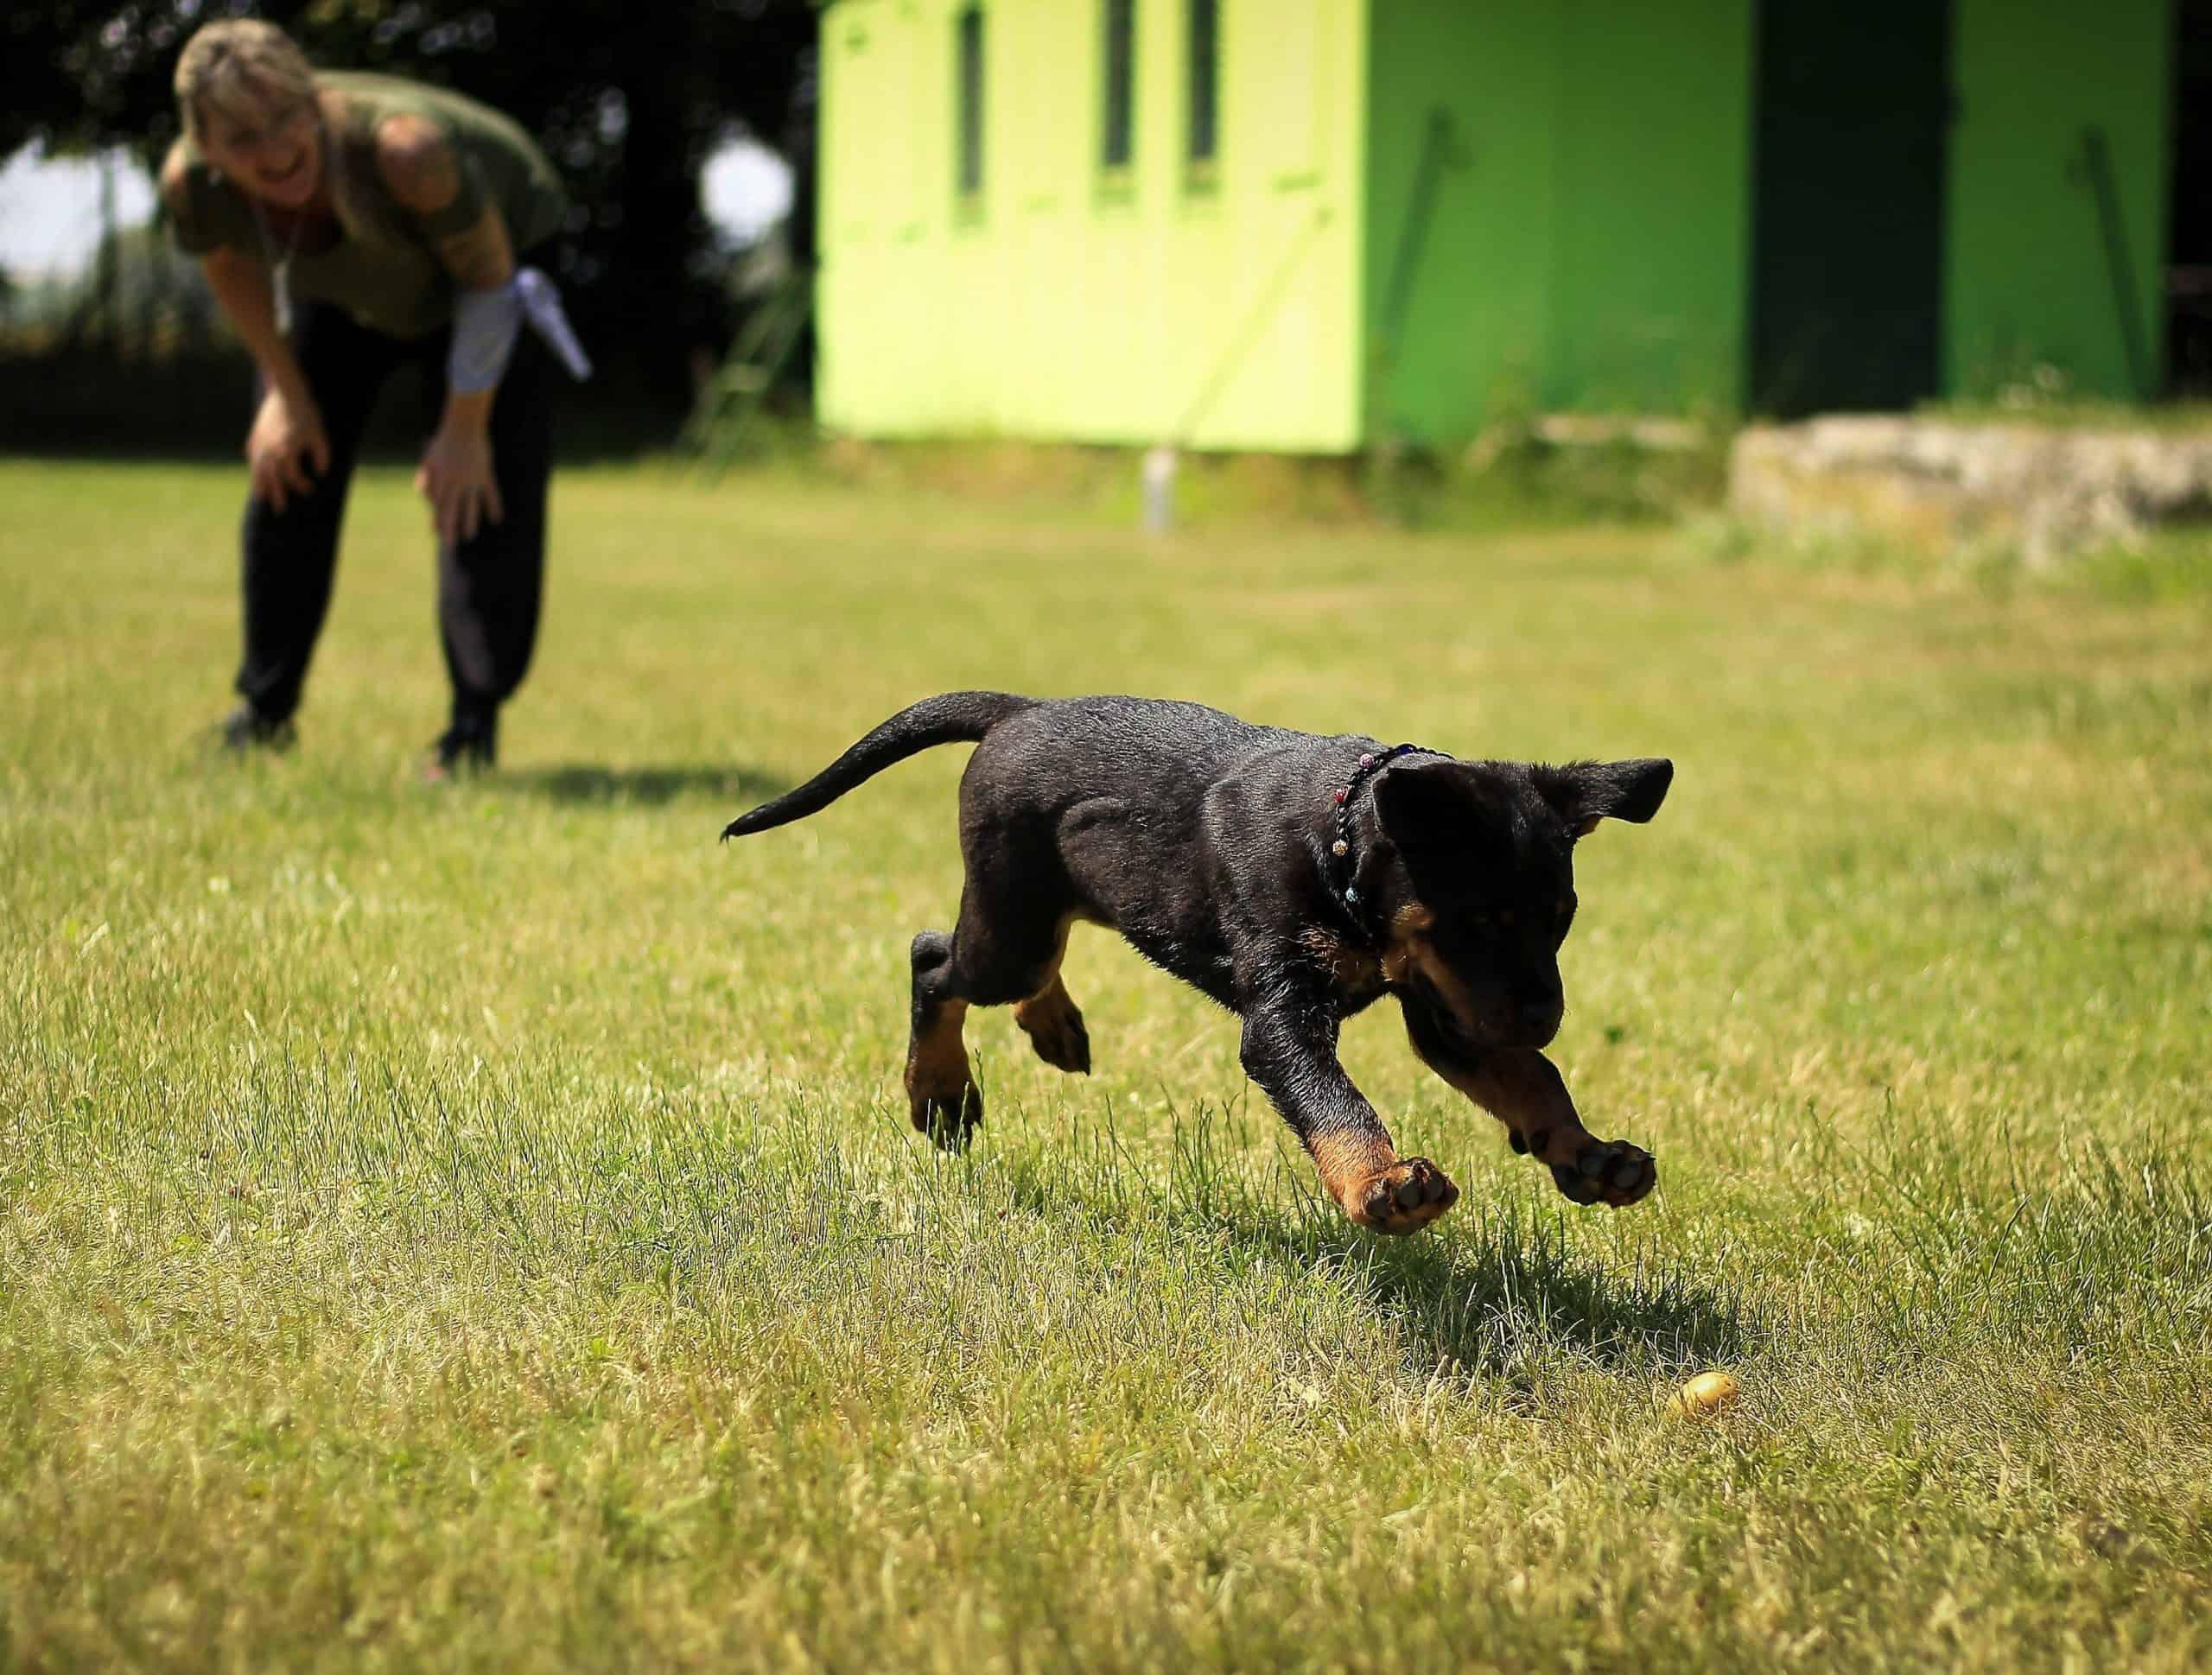 Woman teaching a Rottweiler puppy fetch